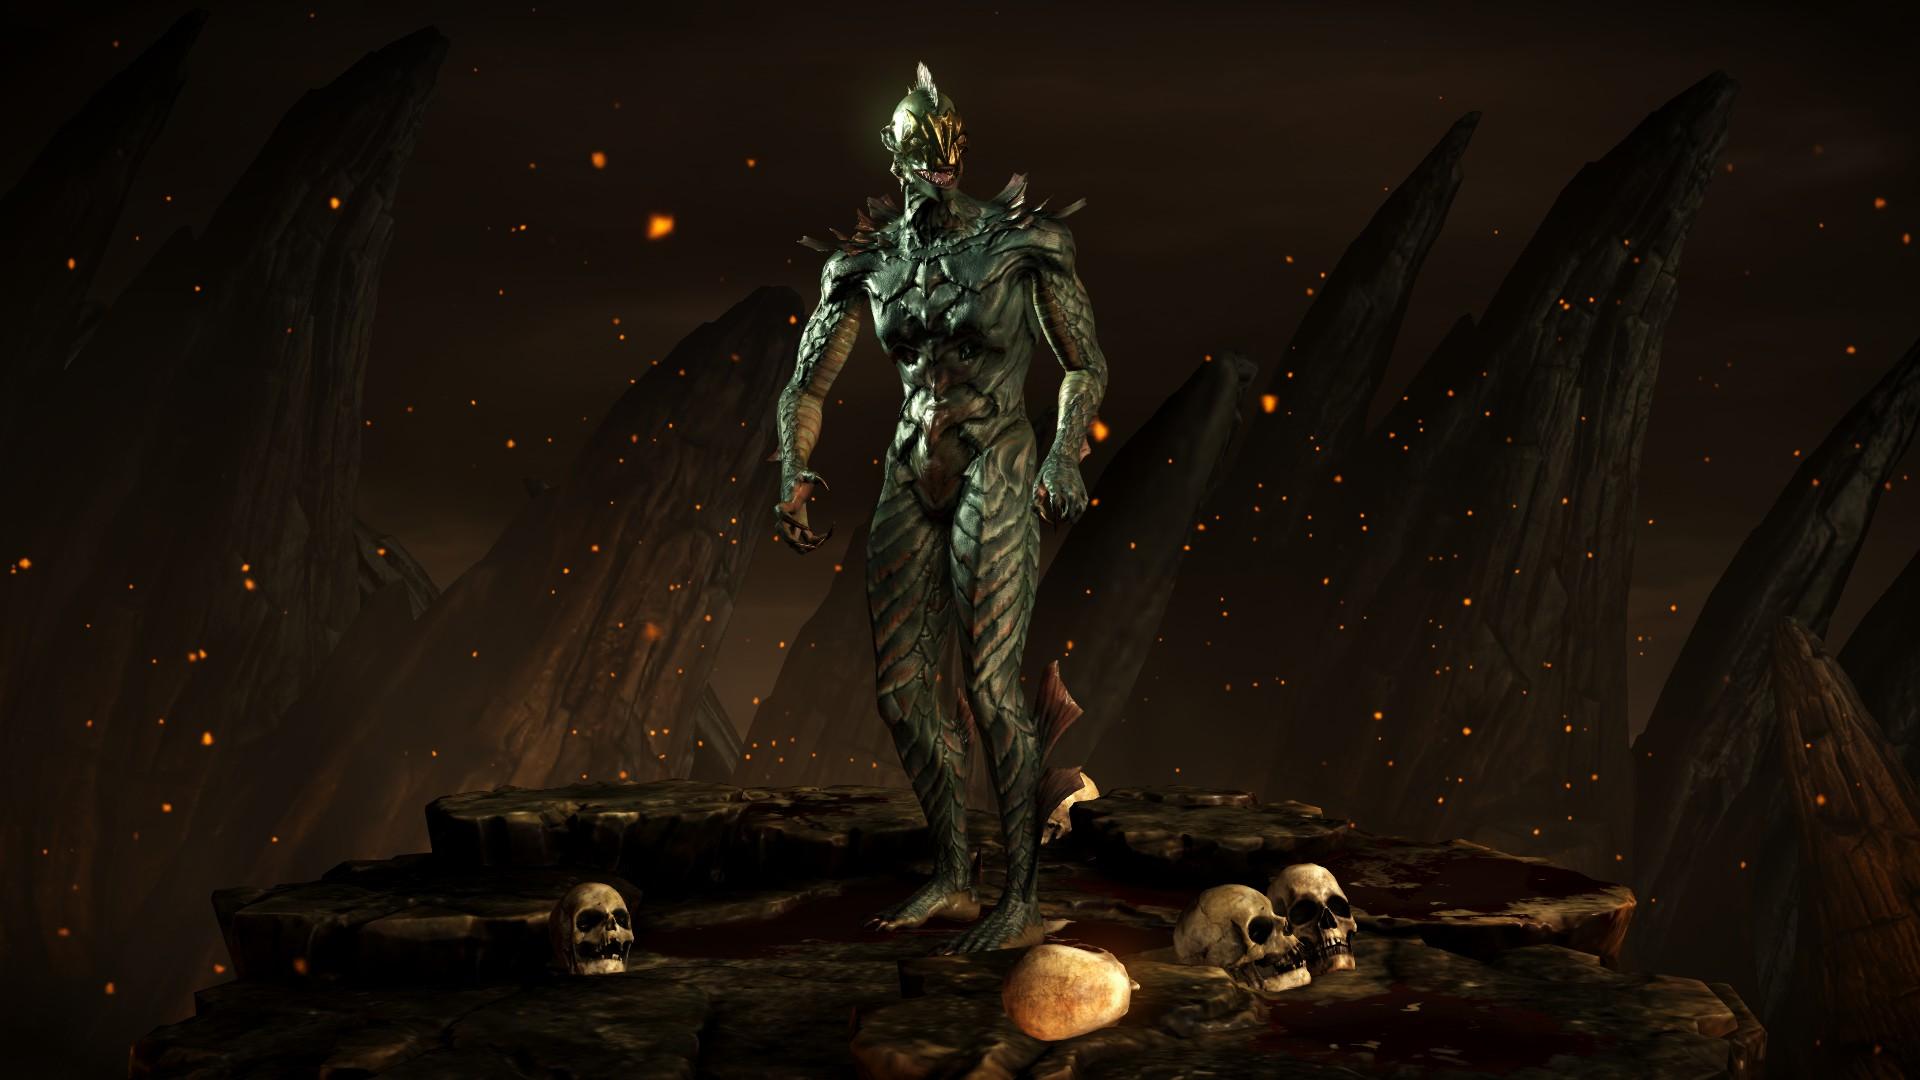 Рептилия (Костюм: Кракен) - Mortal Kombat X